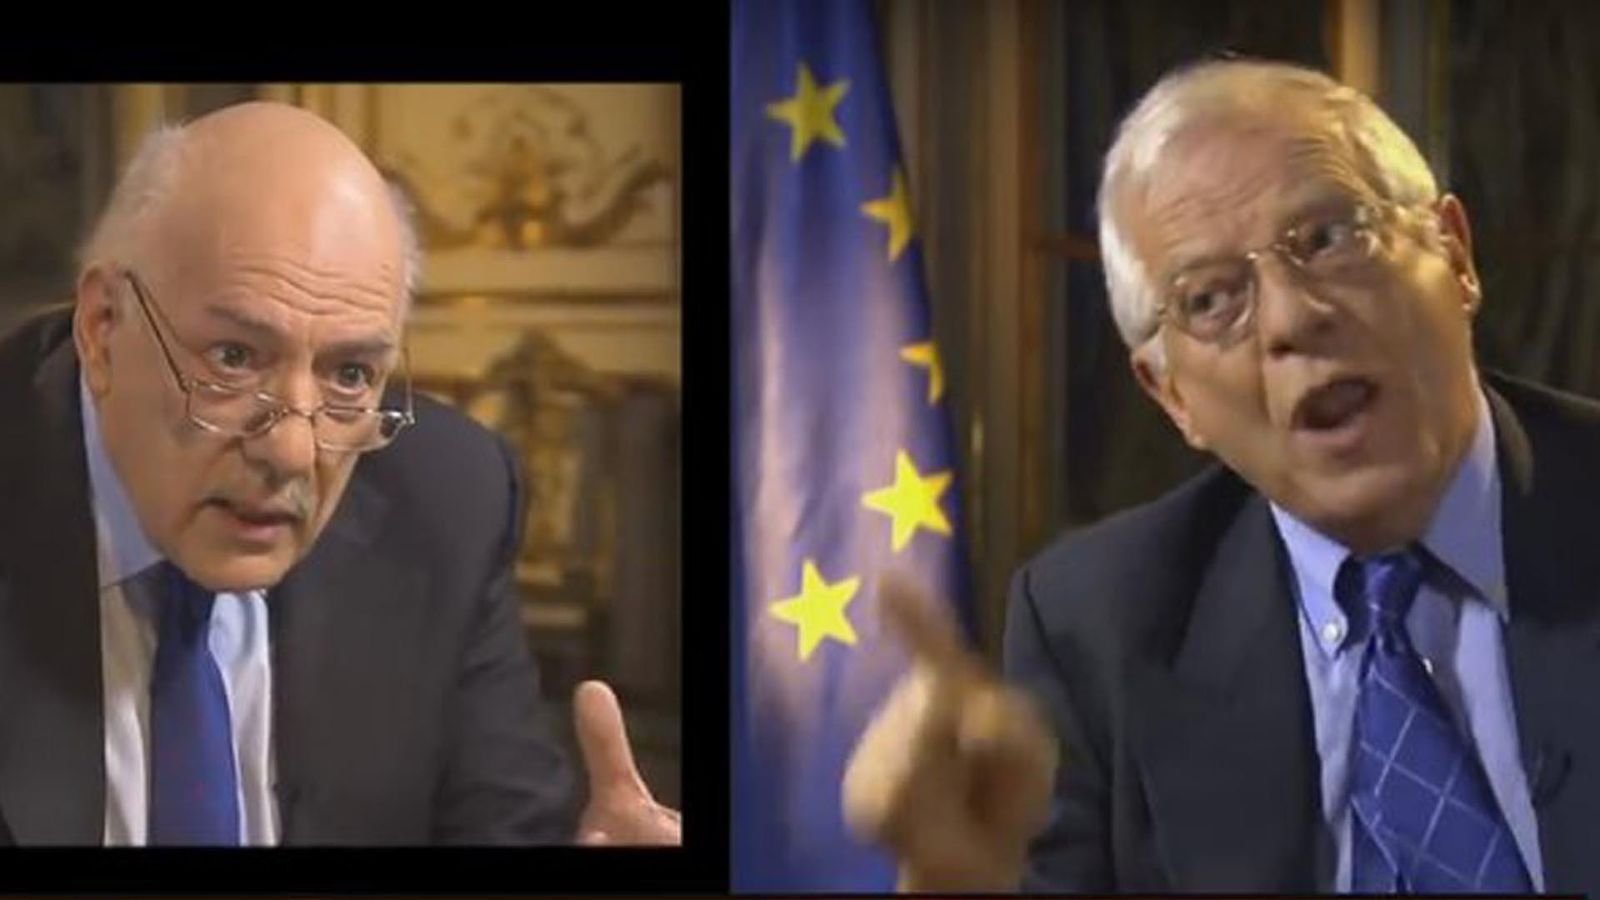 L'anàlisi d'Antoni Bassas: 'El vell llop Borrell i el rearmament espanyol'